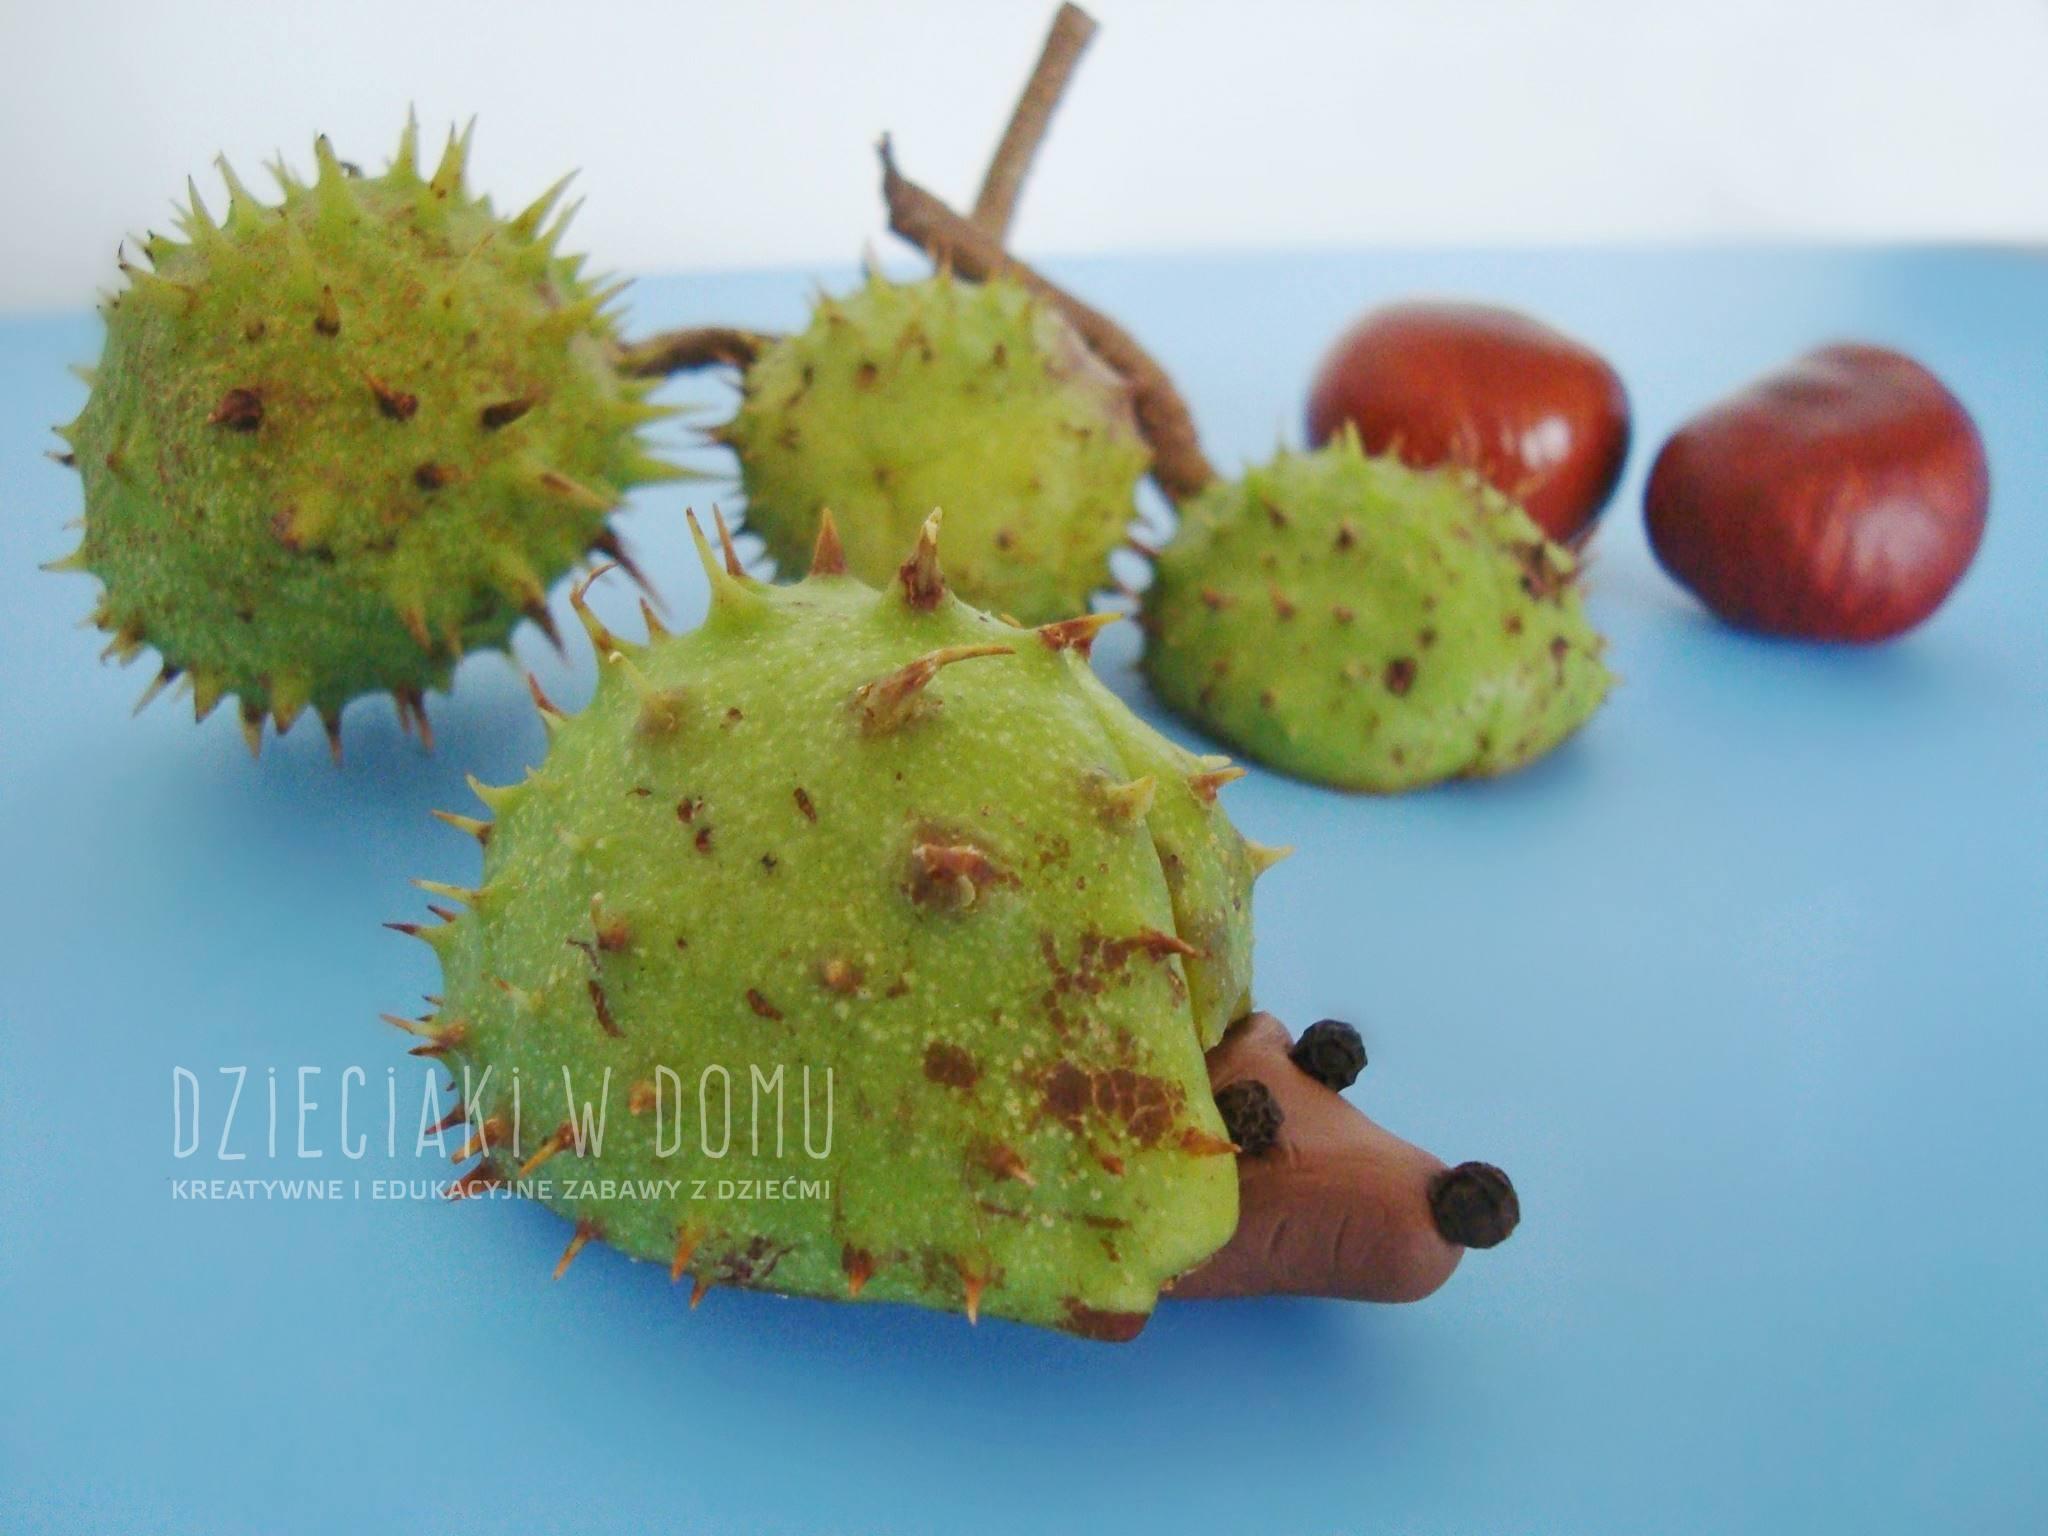 jeż z łupiny kasztana - kreatywna zabawa dla dzieci